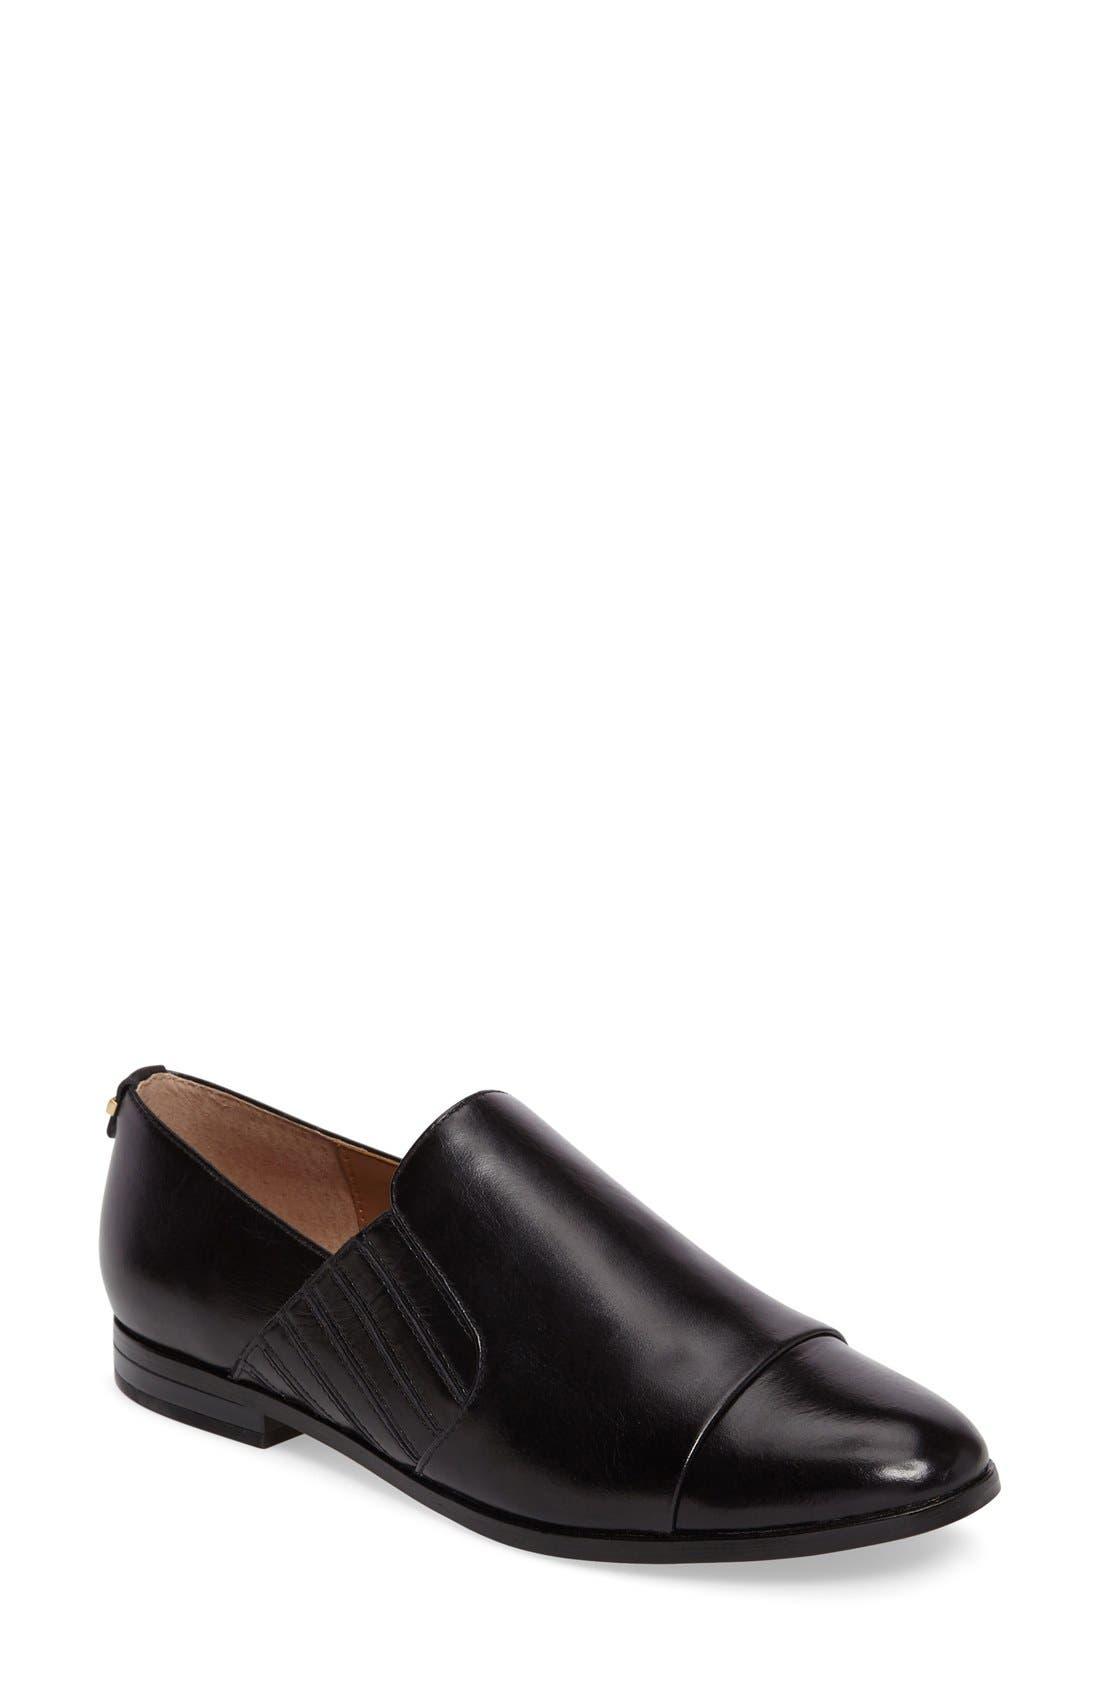 Alternate Image 1 Selected - Calvin Klein Cella Slip-On Loafer (Women)